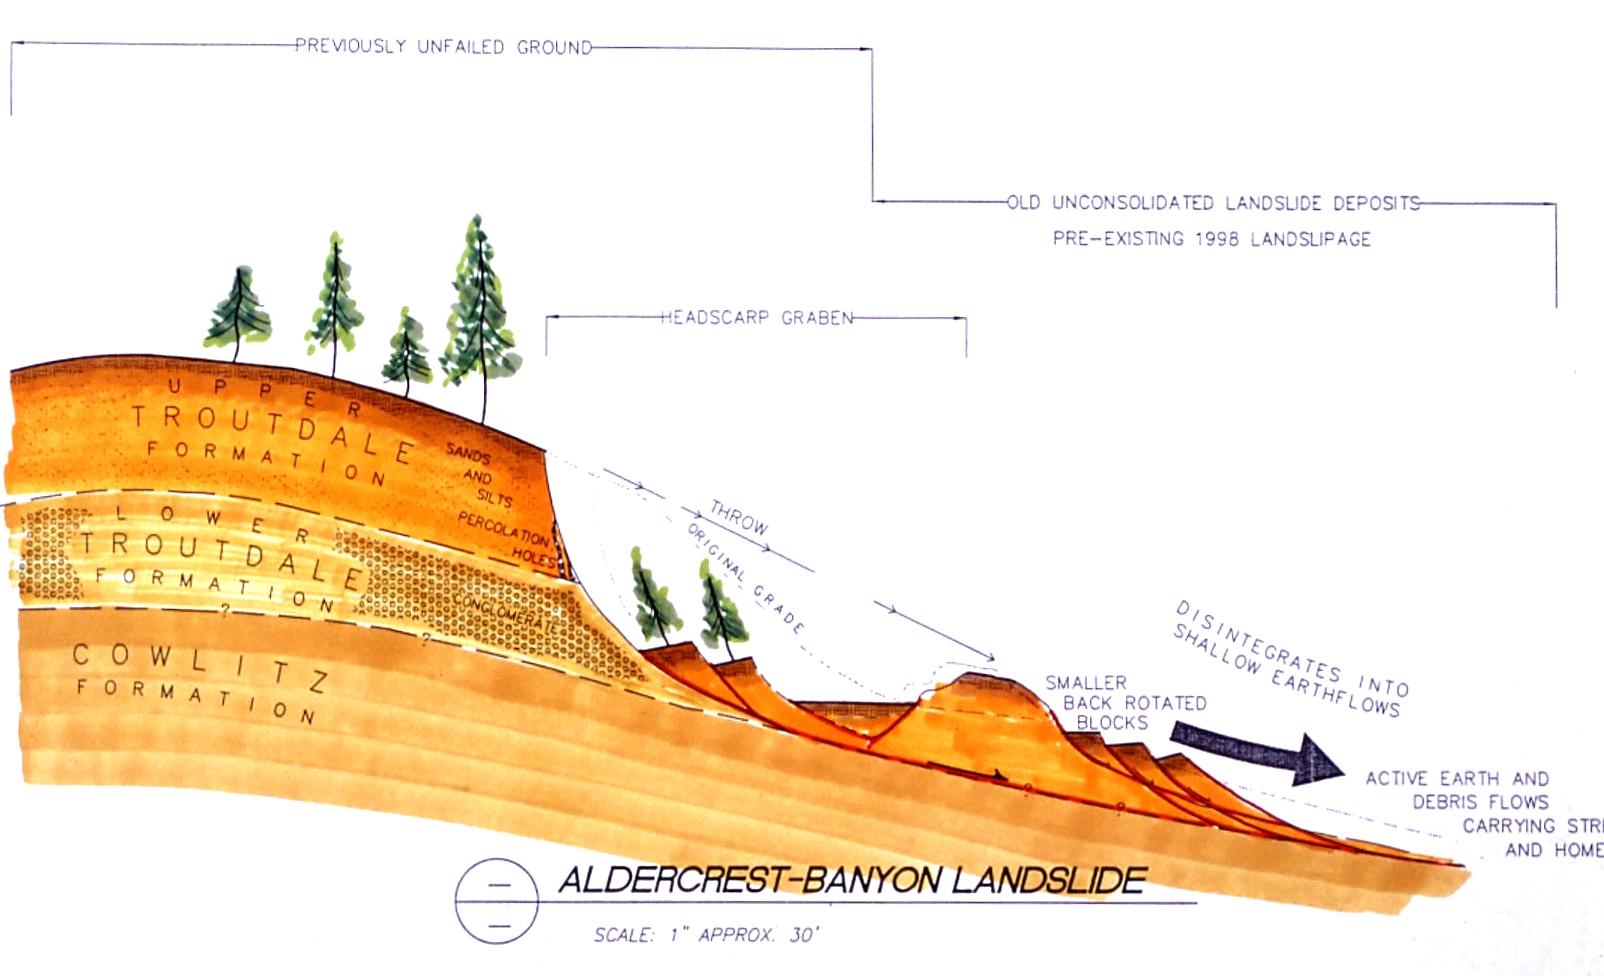 Geologic formations associated with the Aldercrest Banyon Landslide, image from Dr. J David Rogers